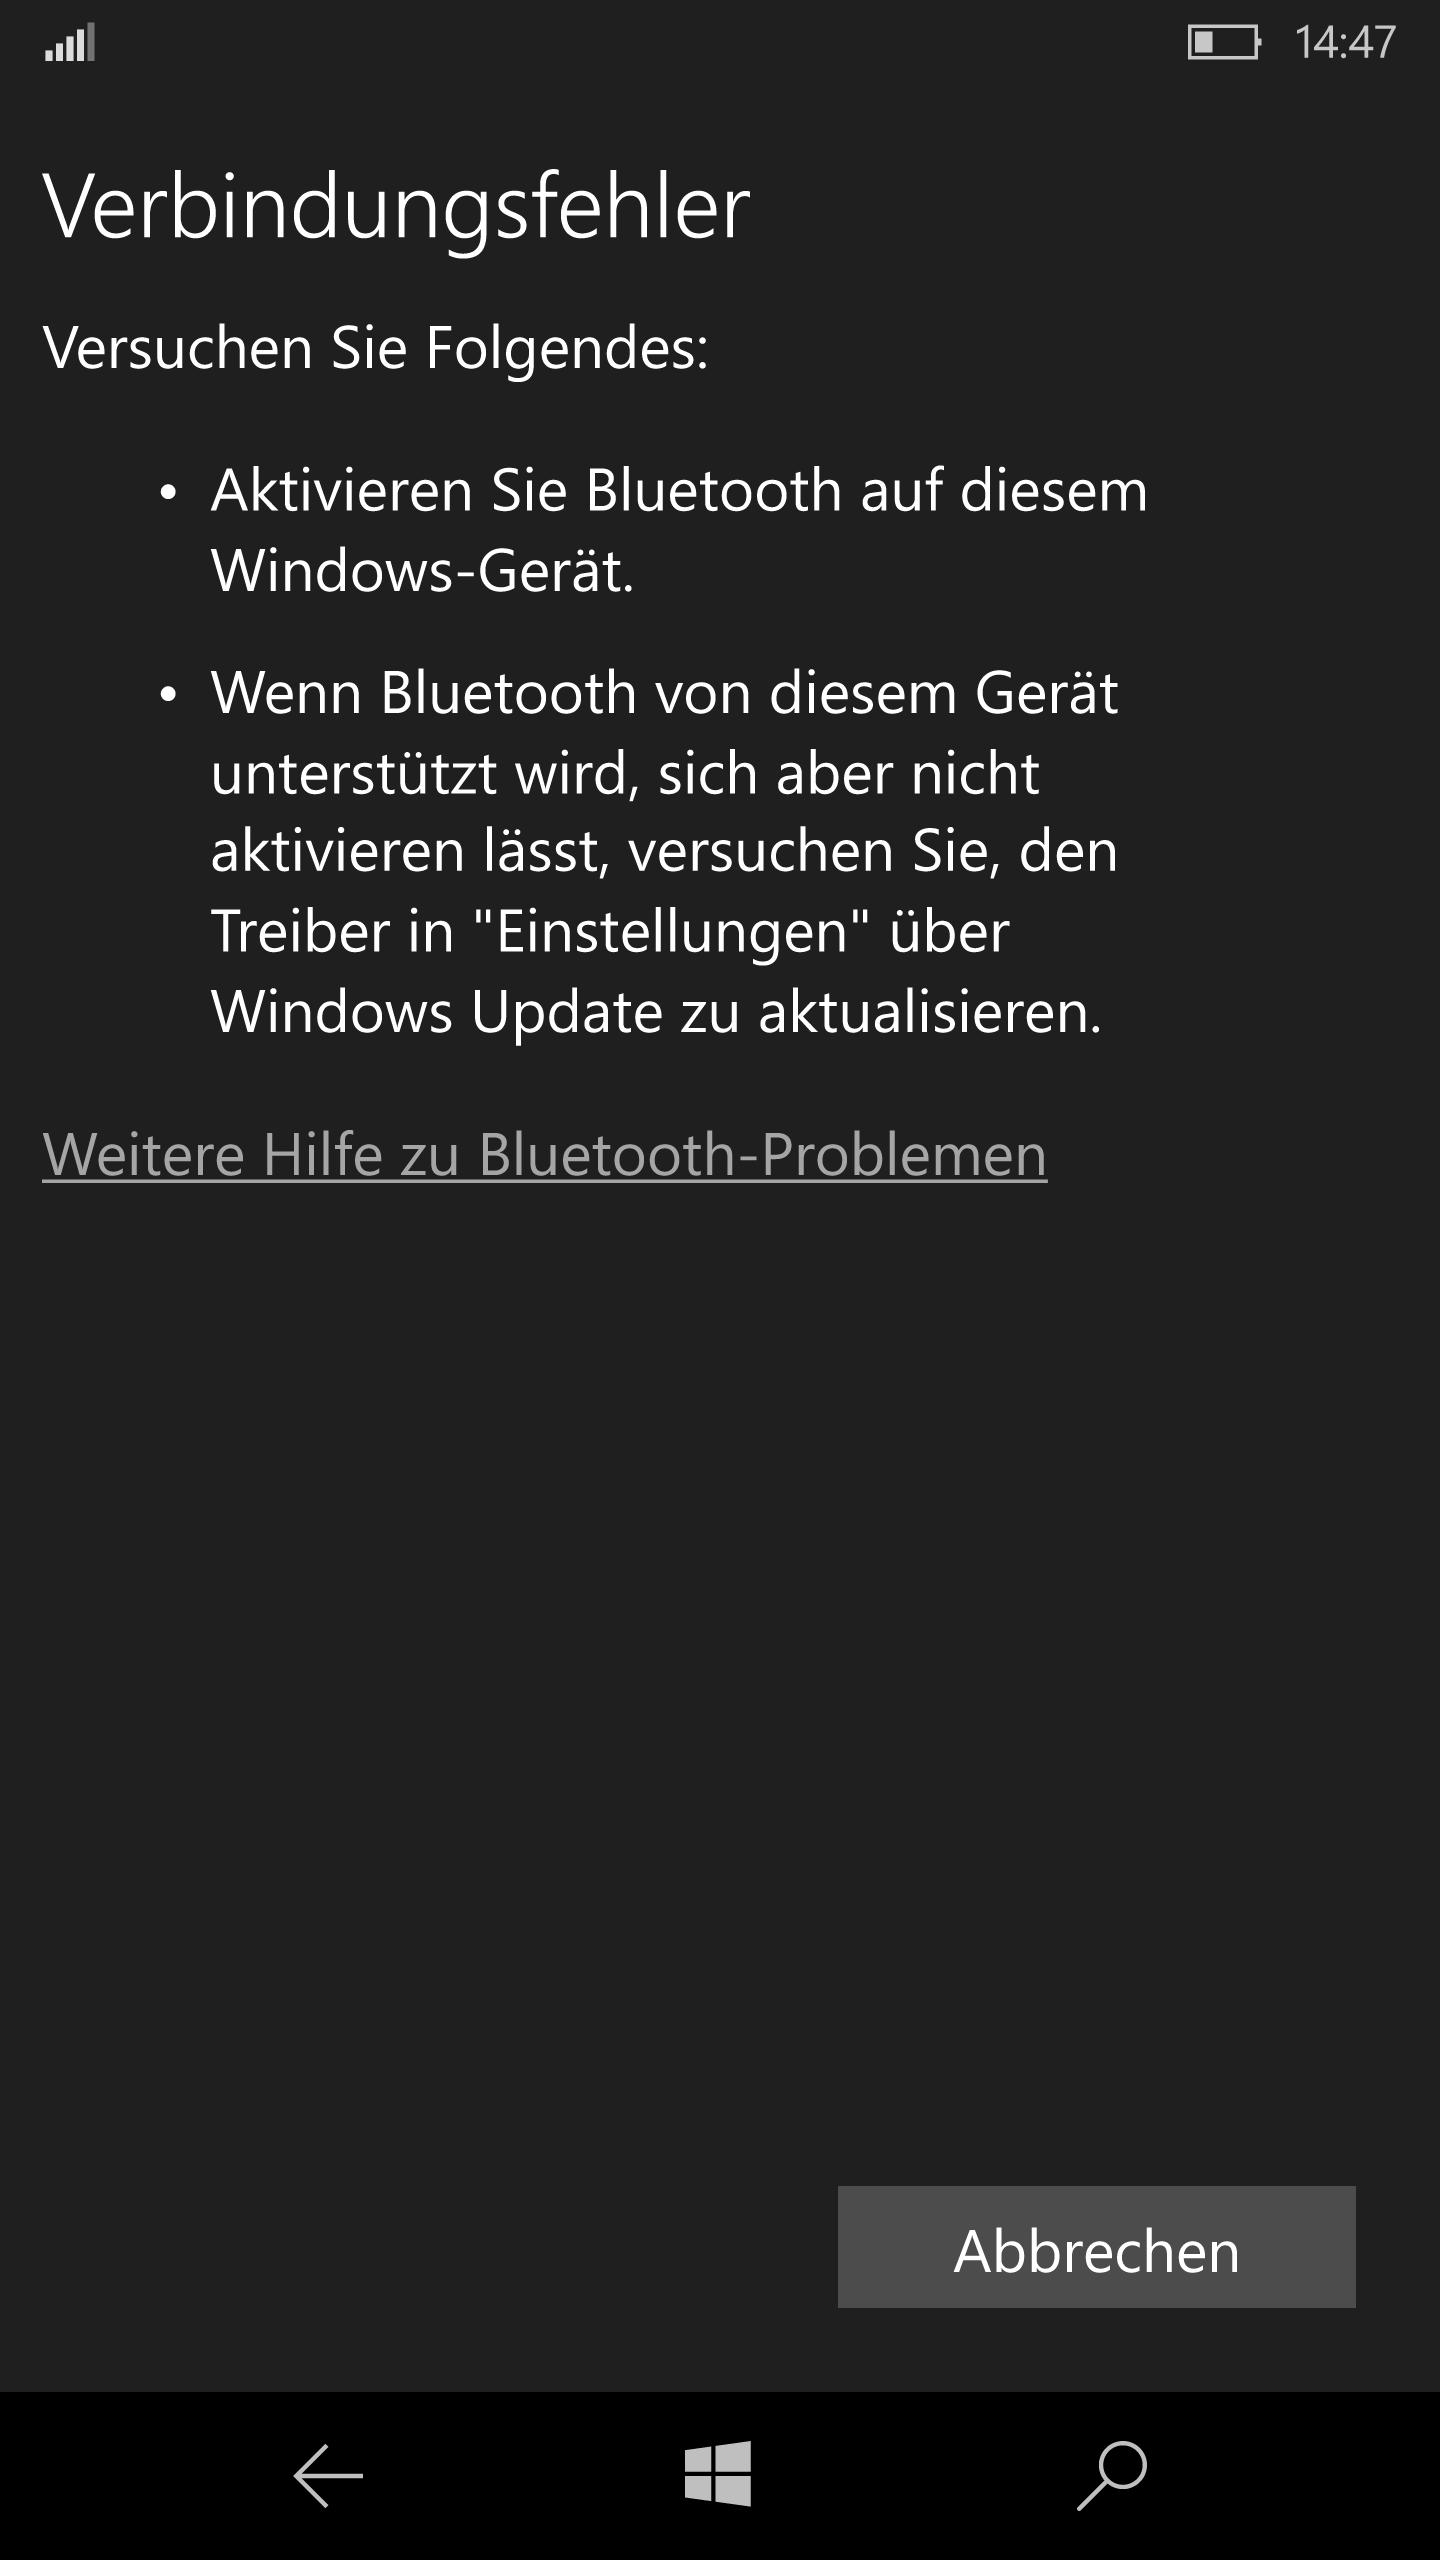 Lumia 950 XL erkennt Bluetoothgeräte nicht - Das Signal wird gar nicht erst erkannt